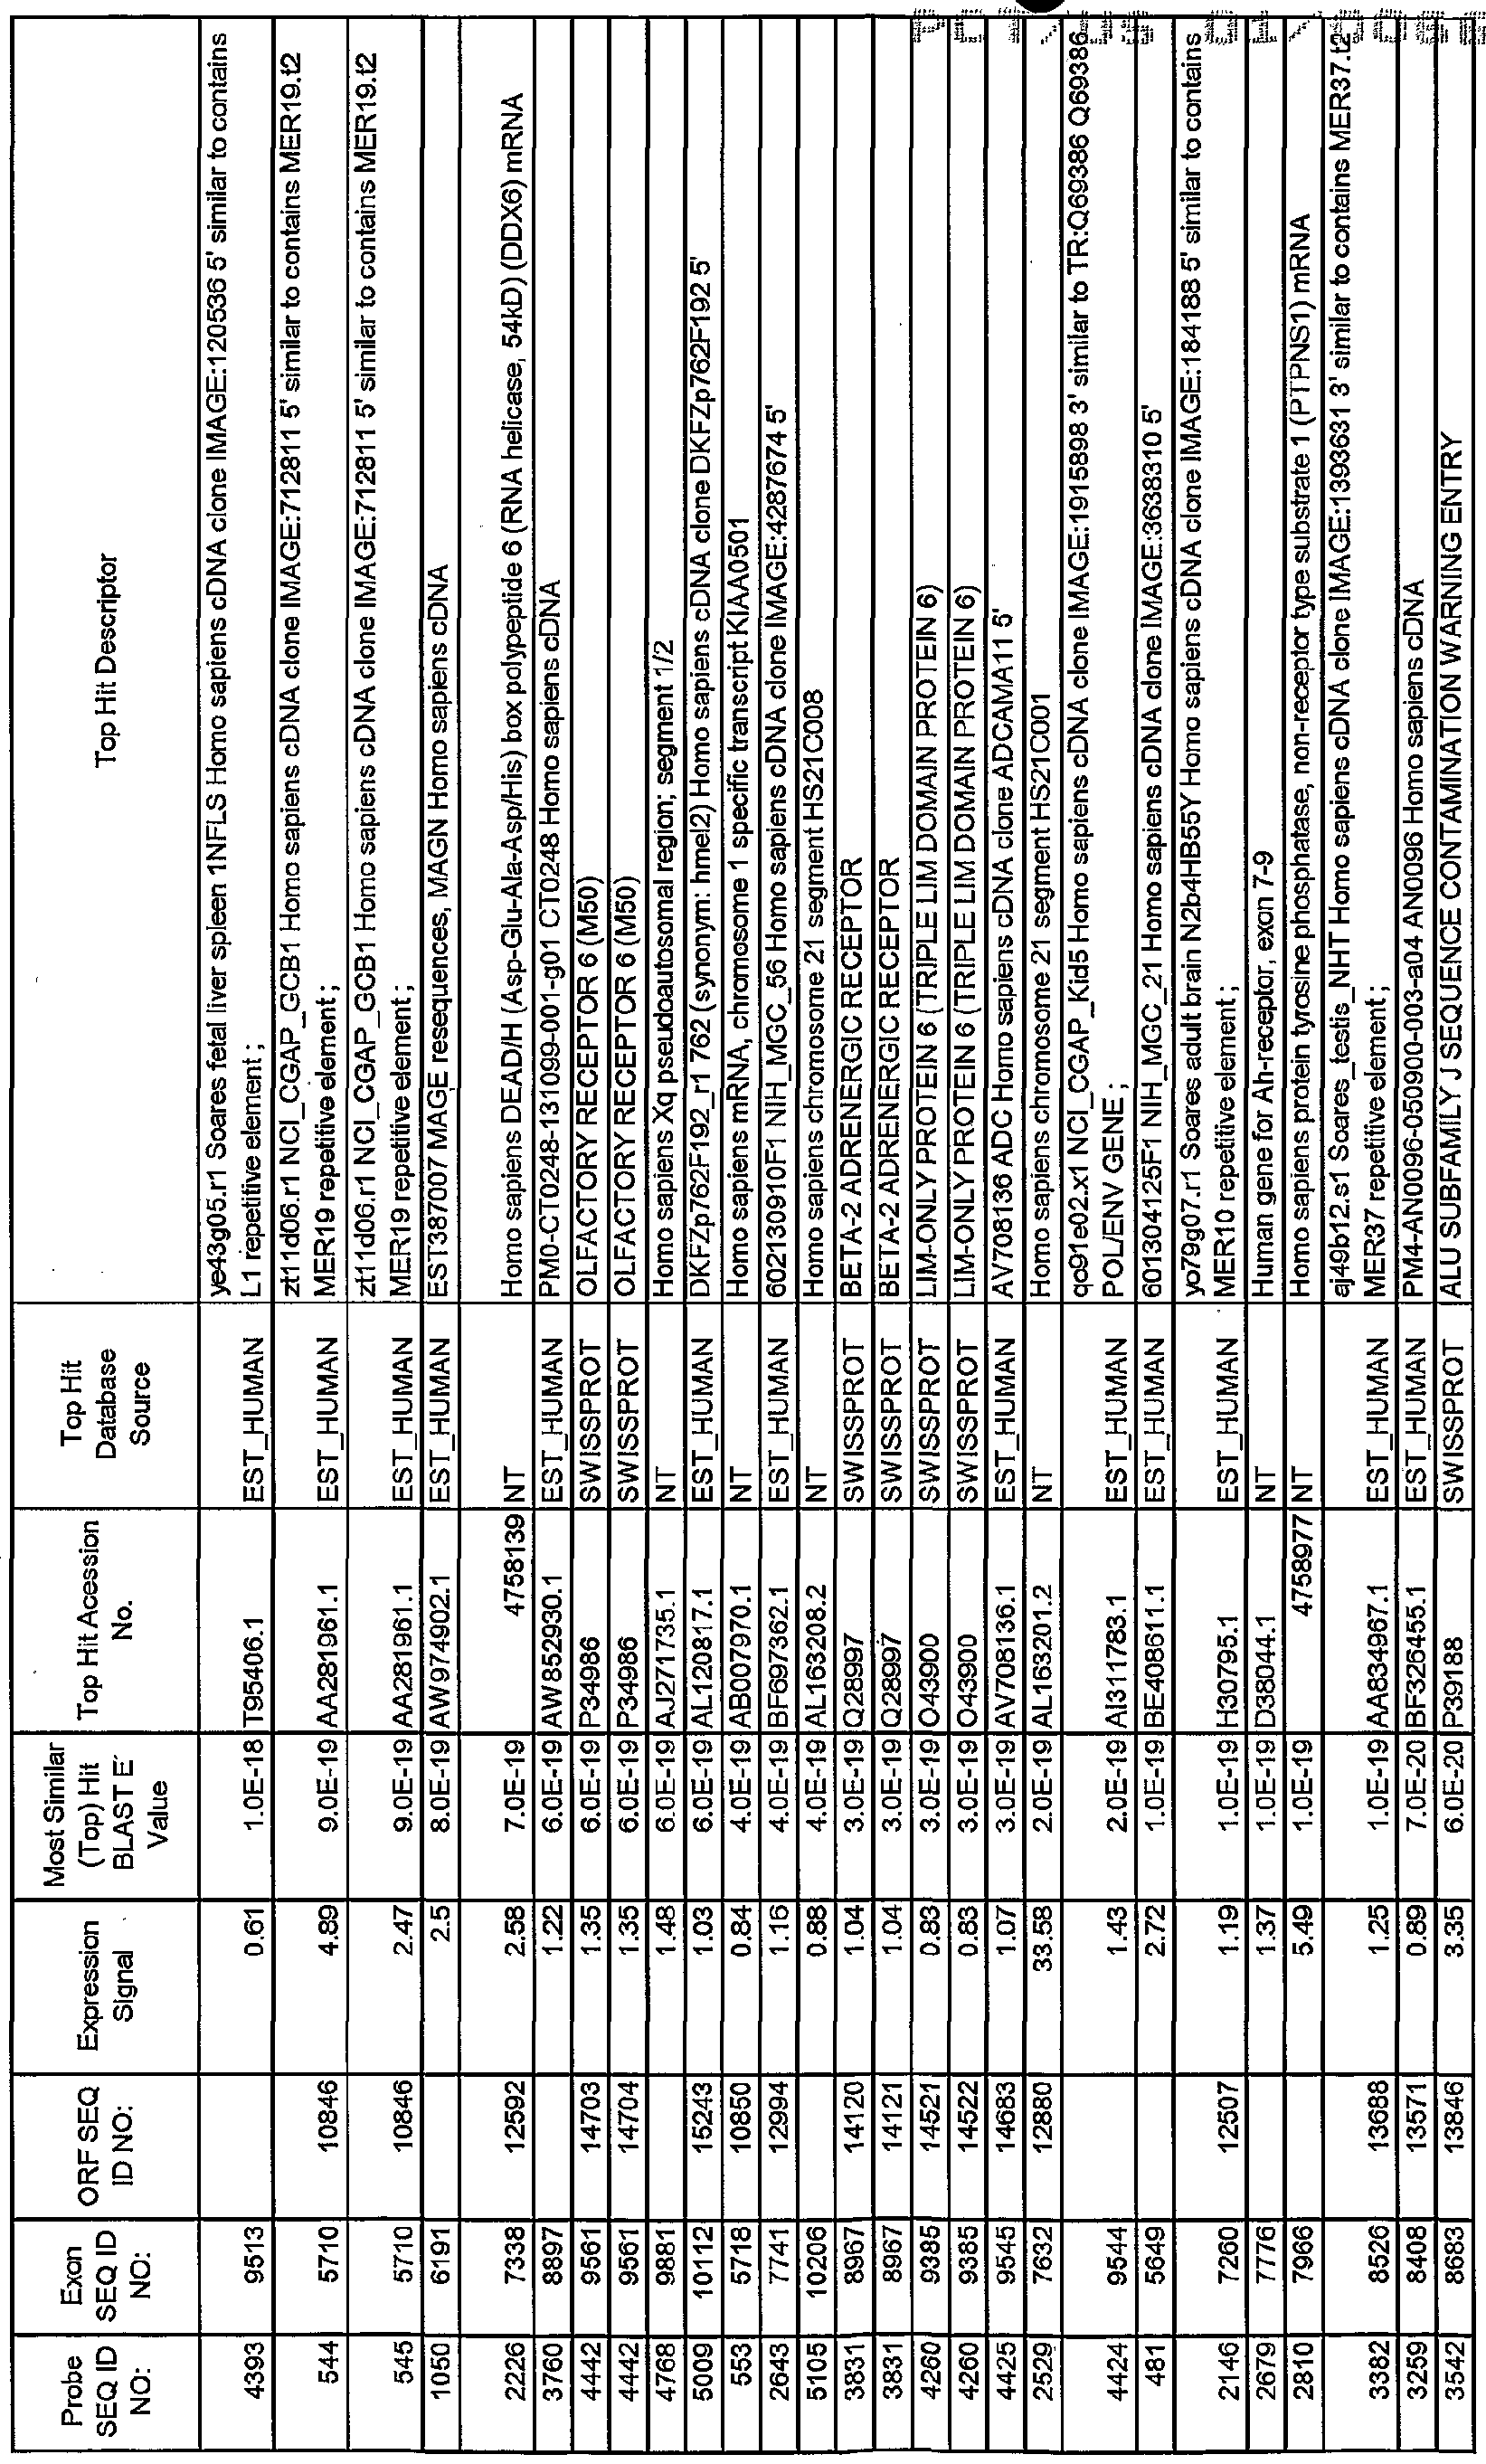 Figure imgf000178_0001